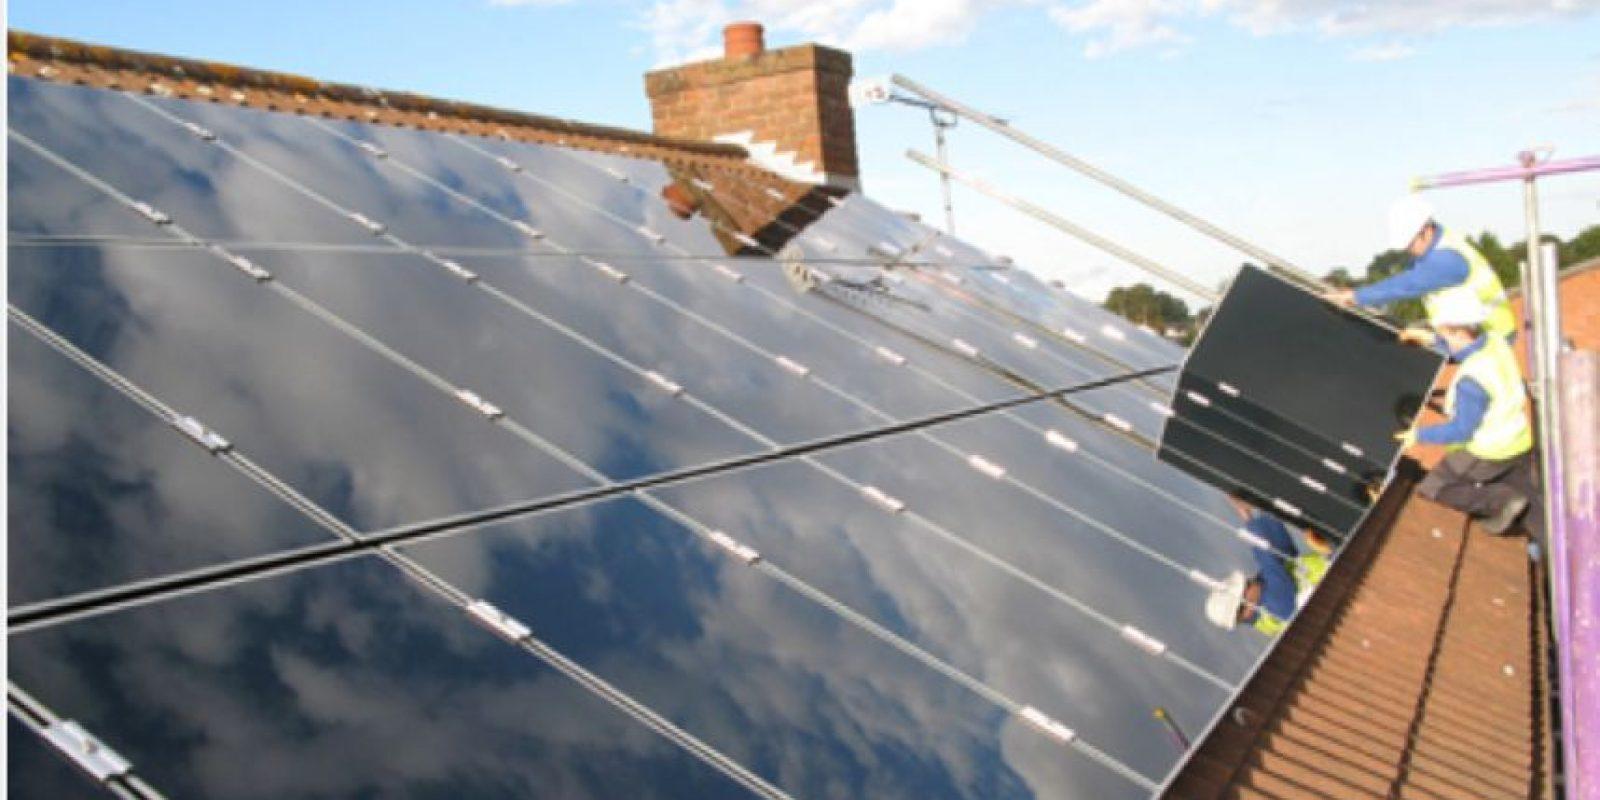 Hanergy Thin Solar, es una compañía dedicada a la producción de paneles solares. Foto:Vía hanergy.com